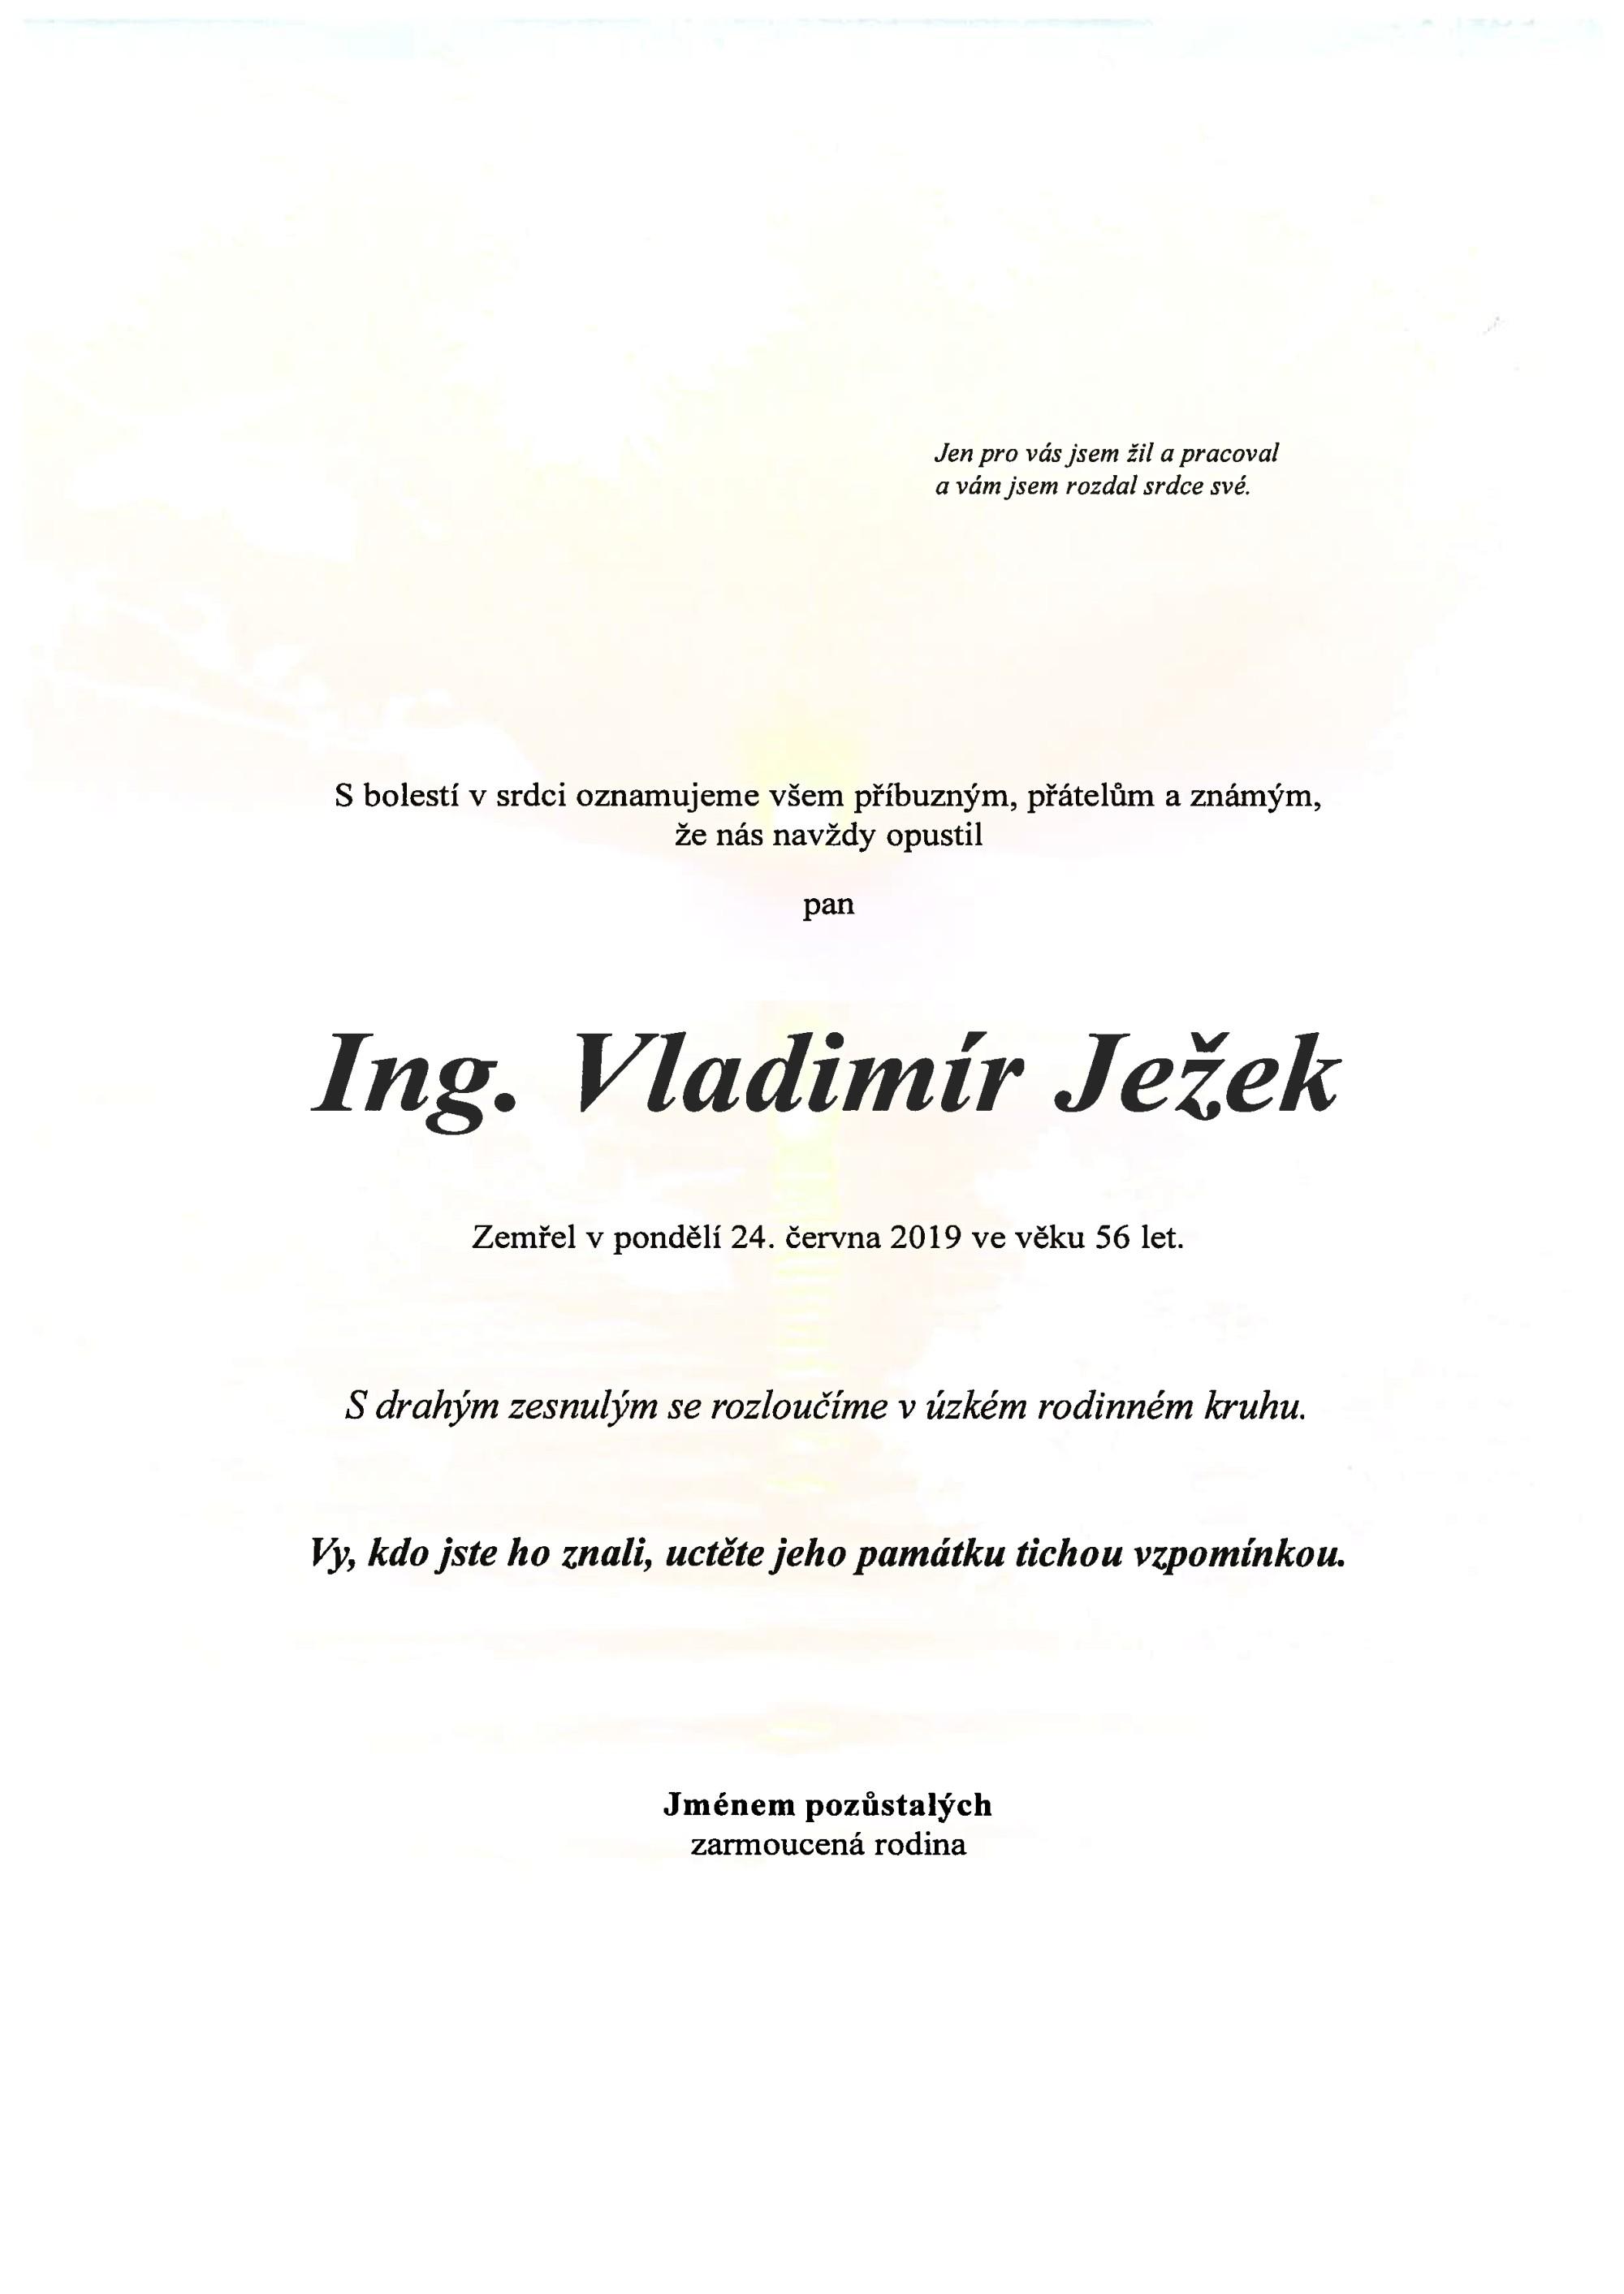 Ing. Vladimír Ježek